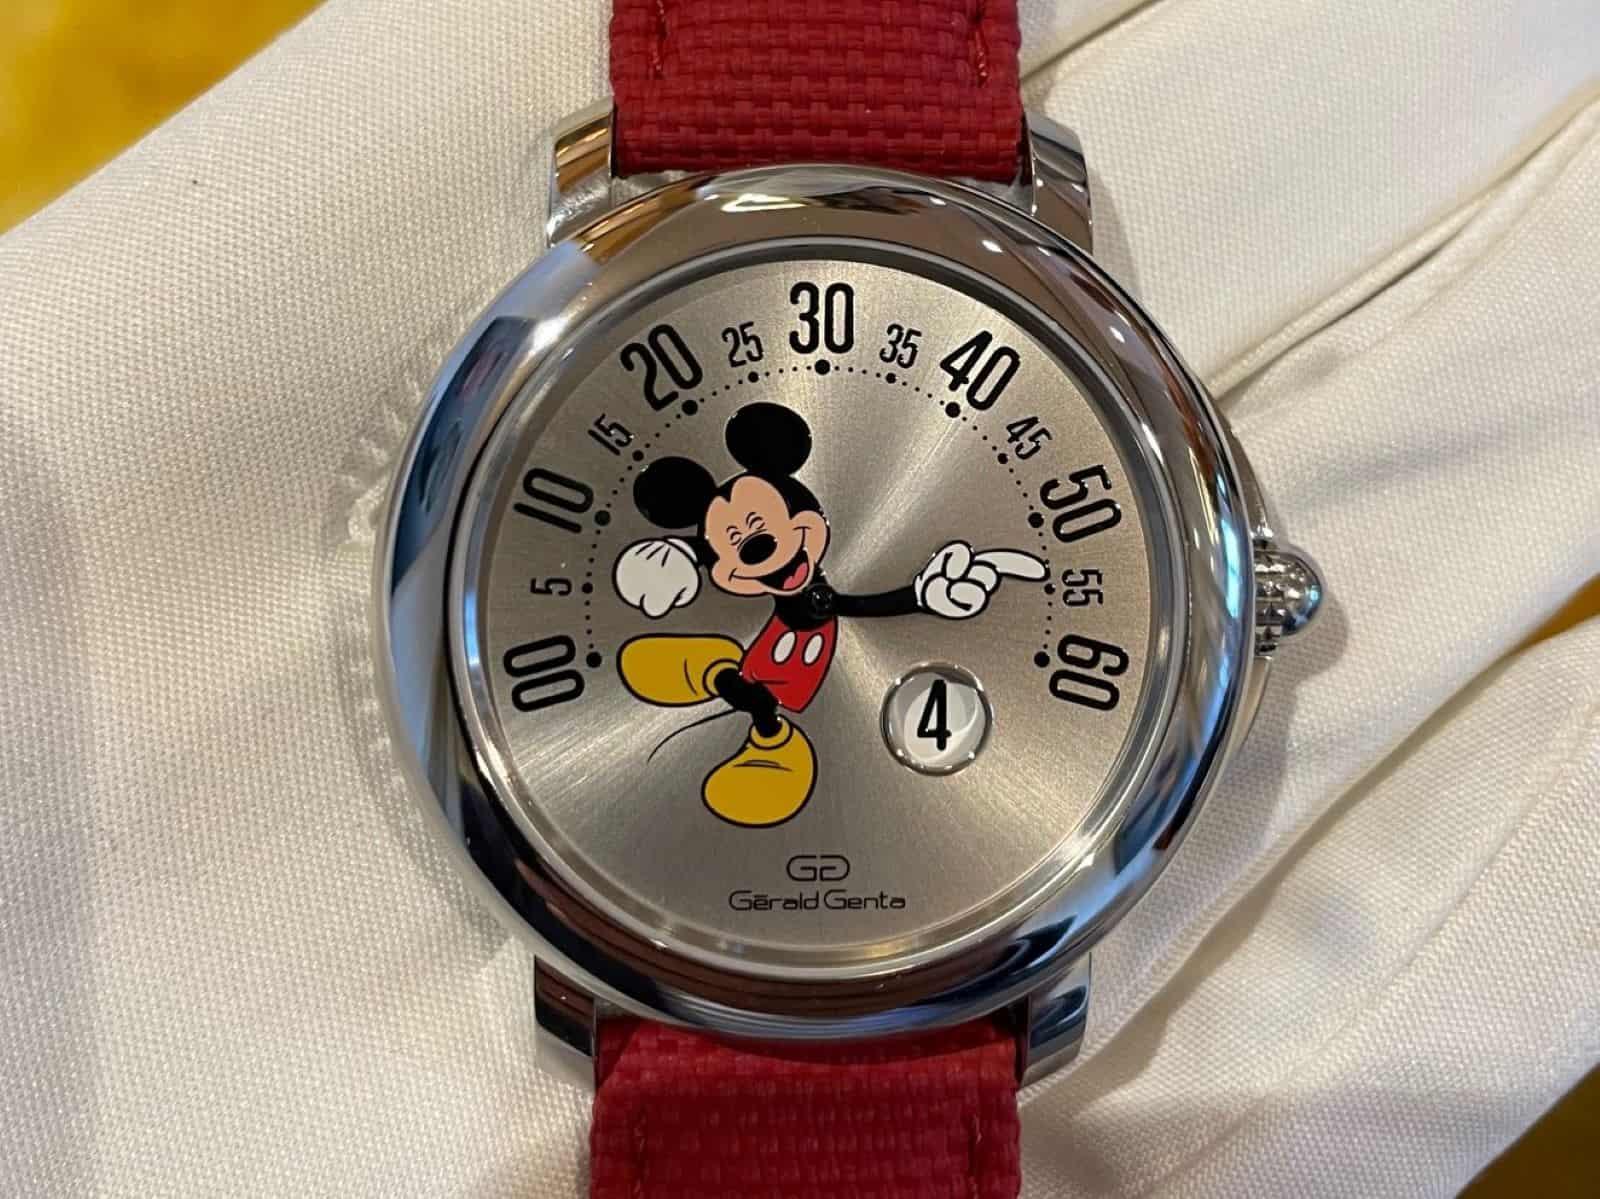 Gerald Genta Arena Retrograde Mickey Mouse Edition 2021